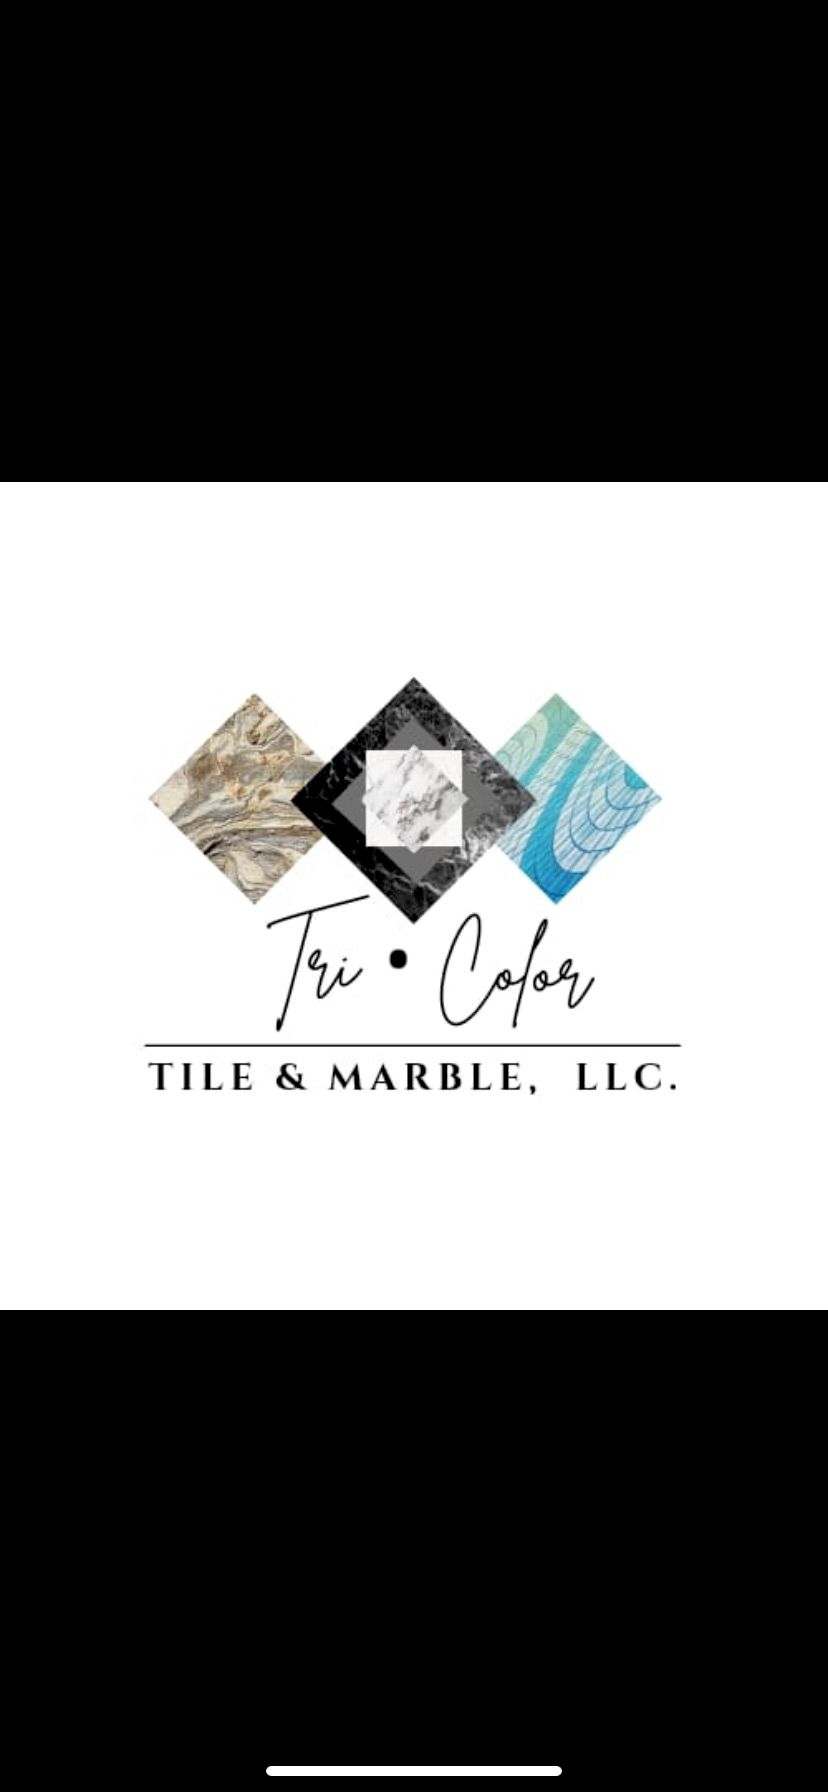 TriColor Tile & Marble LLC